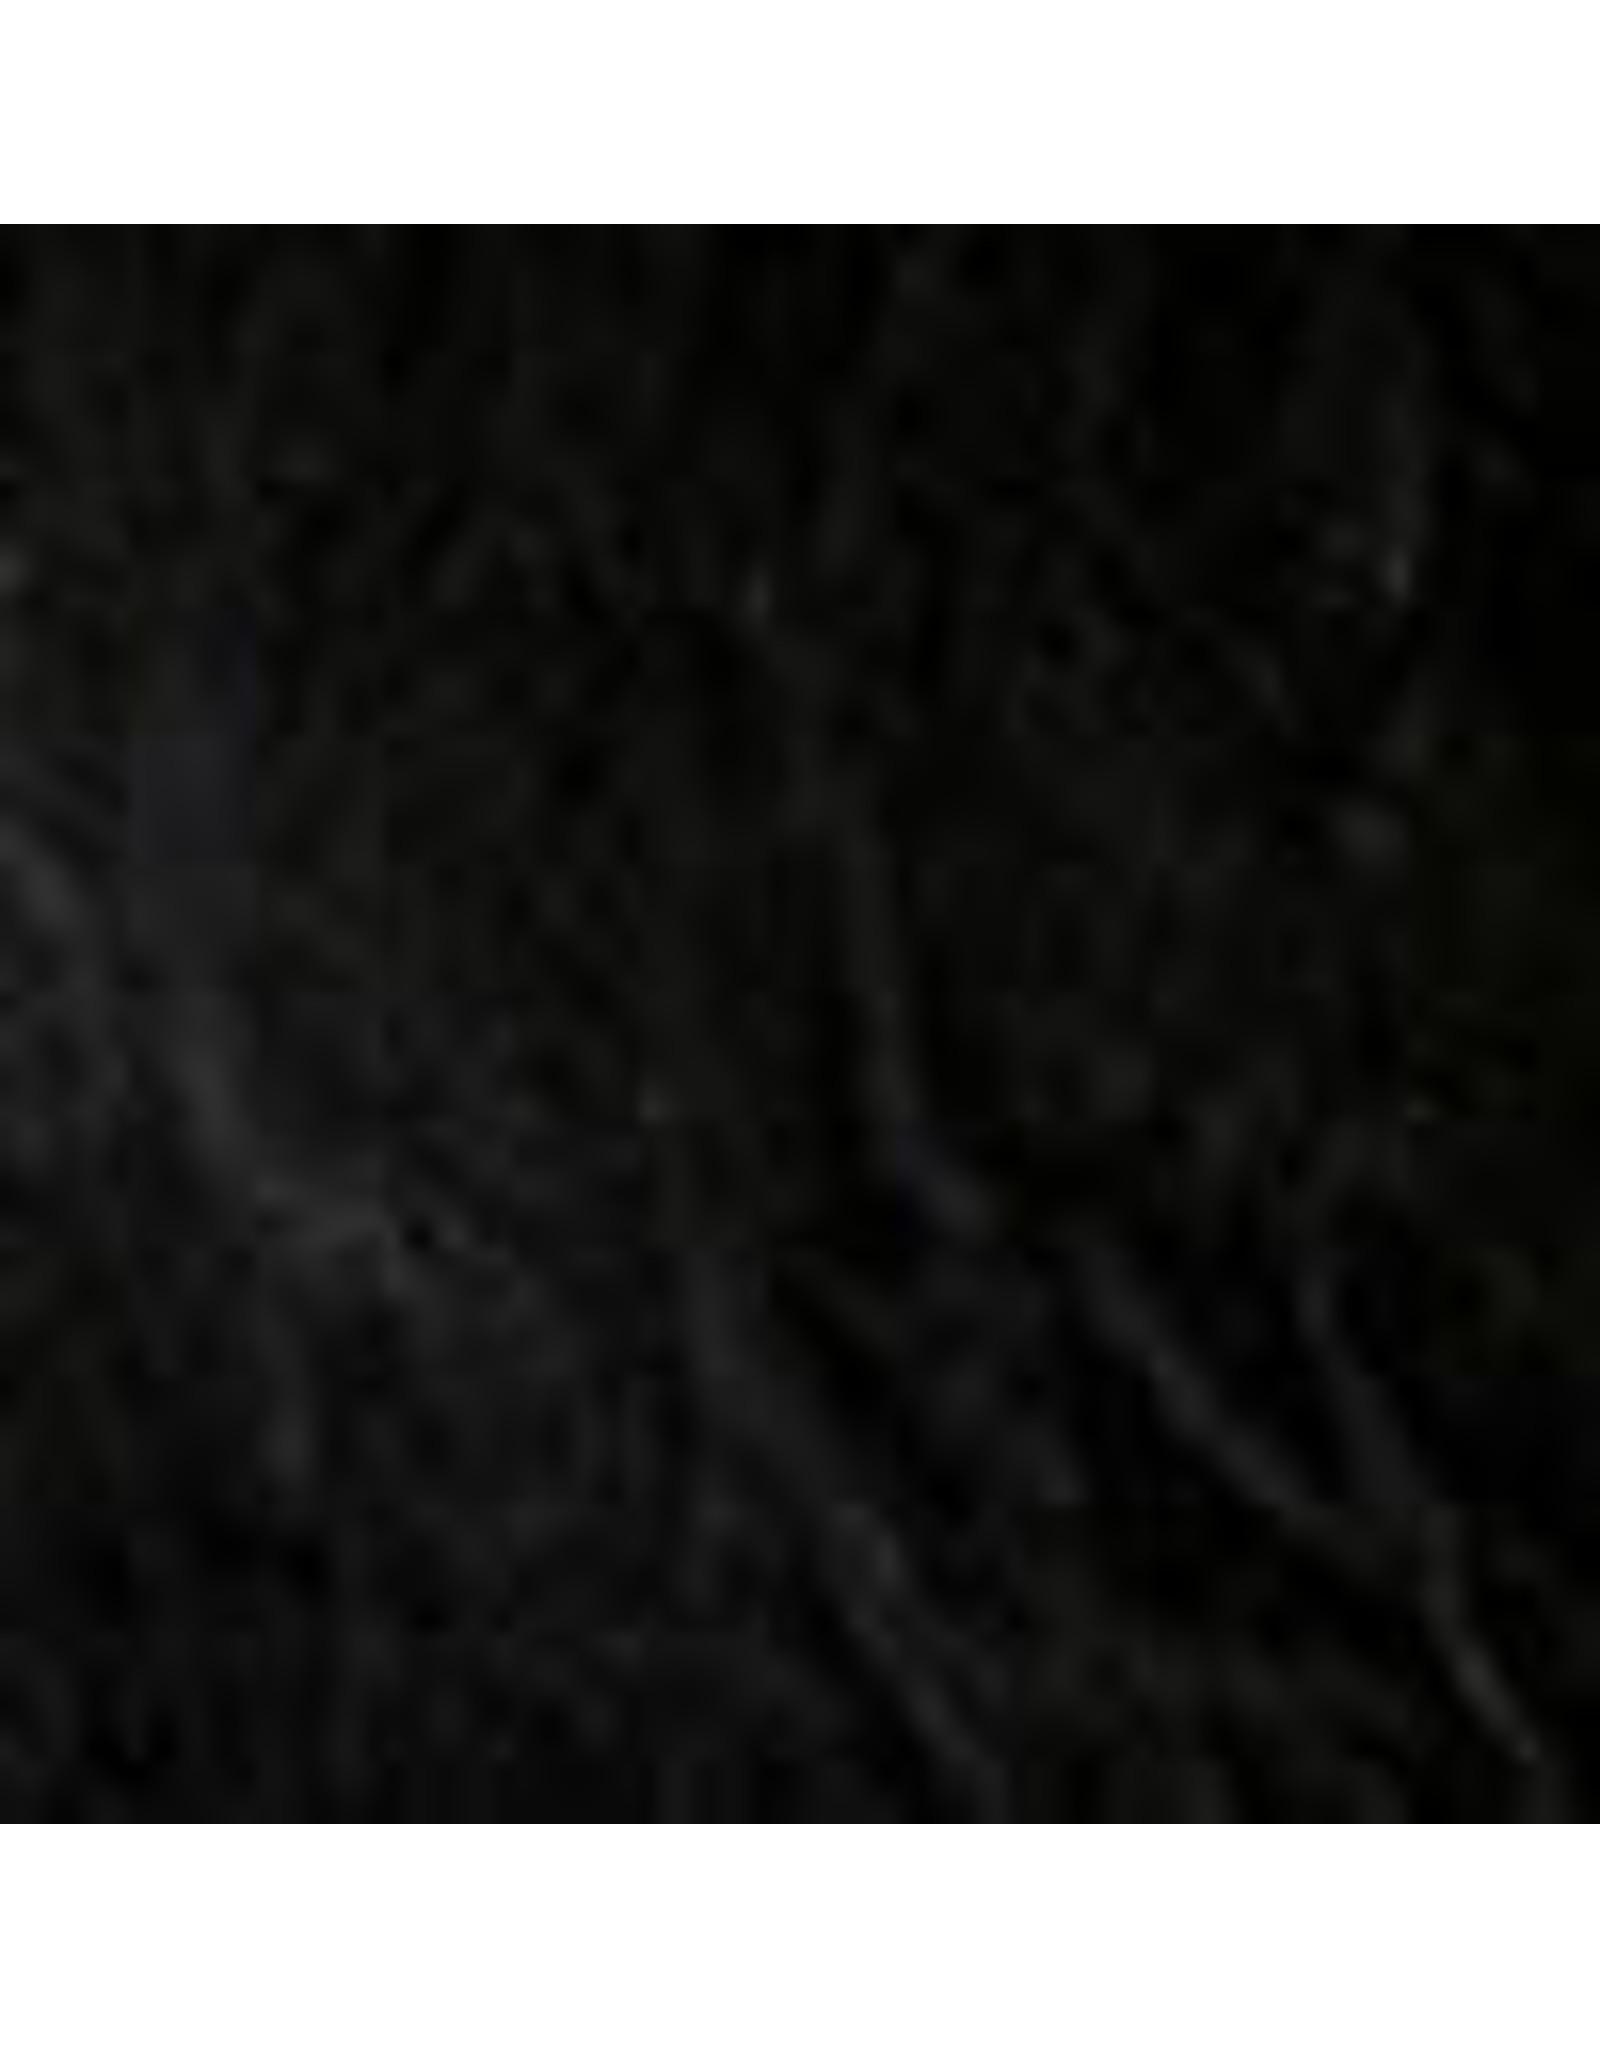 Yd. Solid Black Fabric #500